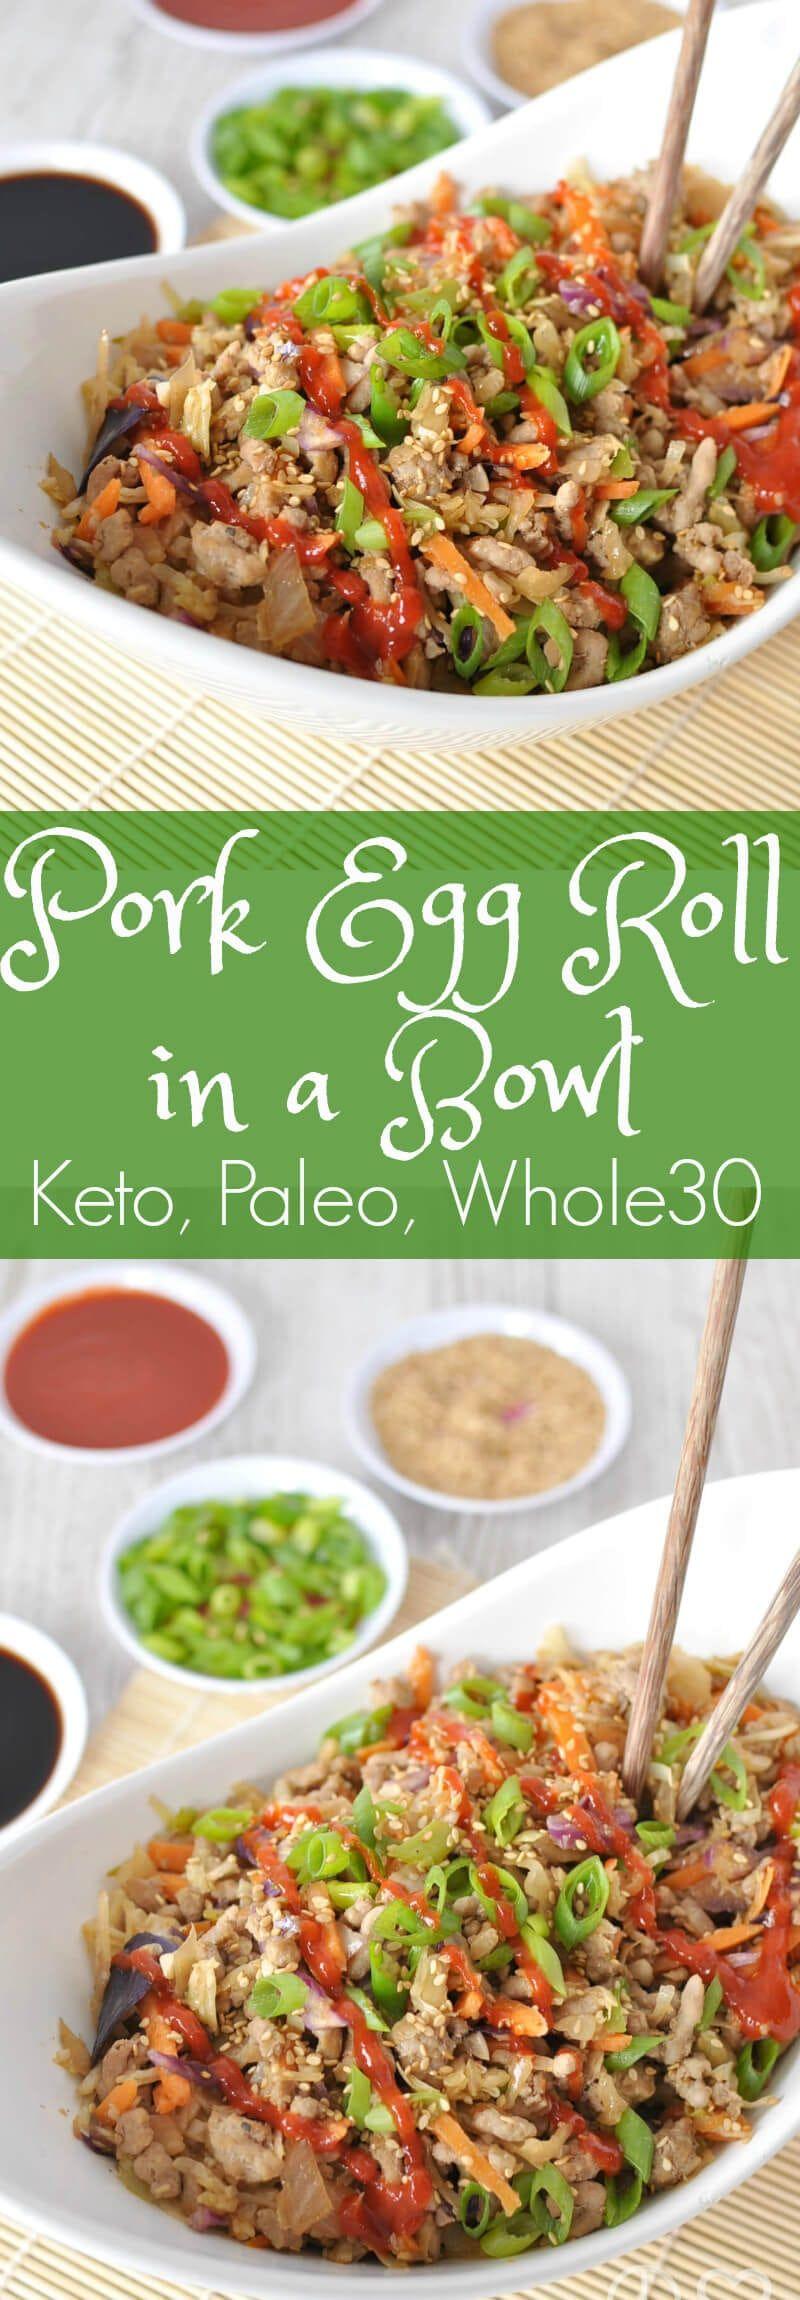 Pork Egg Roll in a Bowl (Crack Slaw) -Low Carb, Paleo